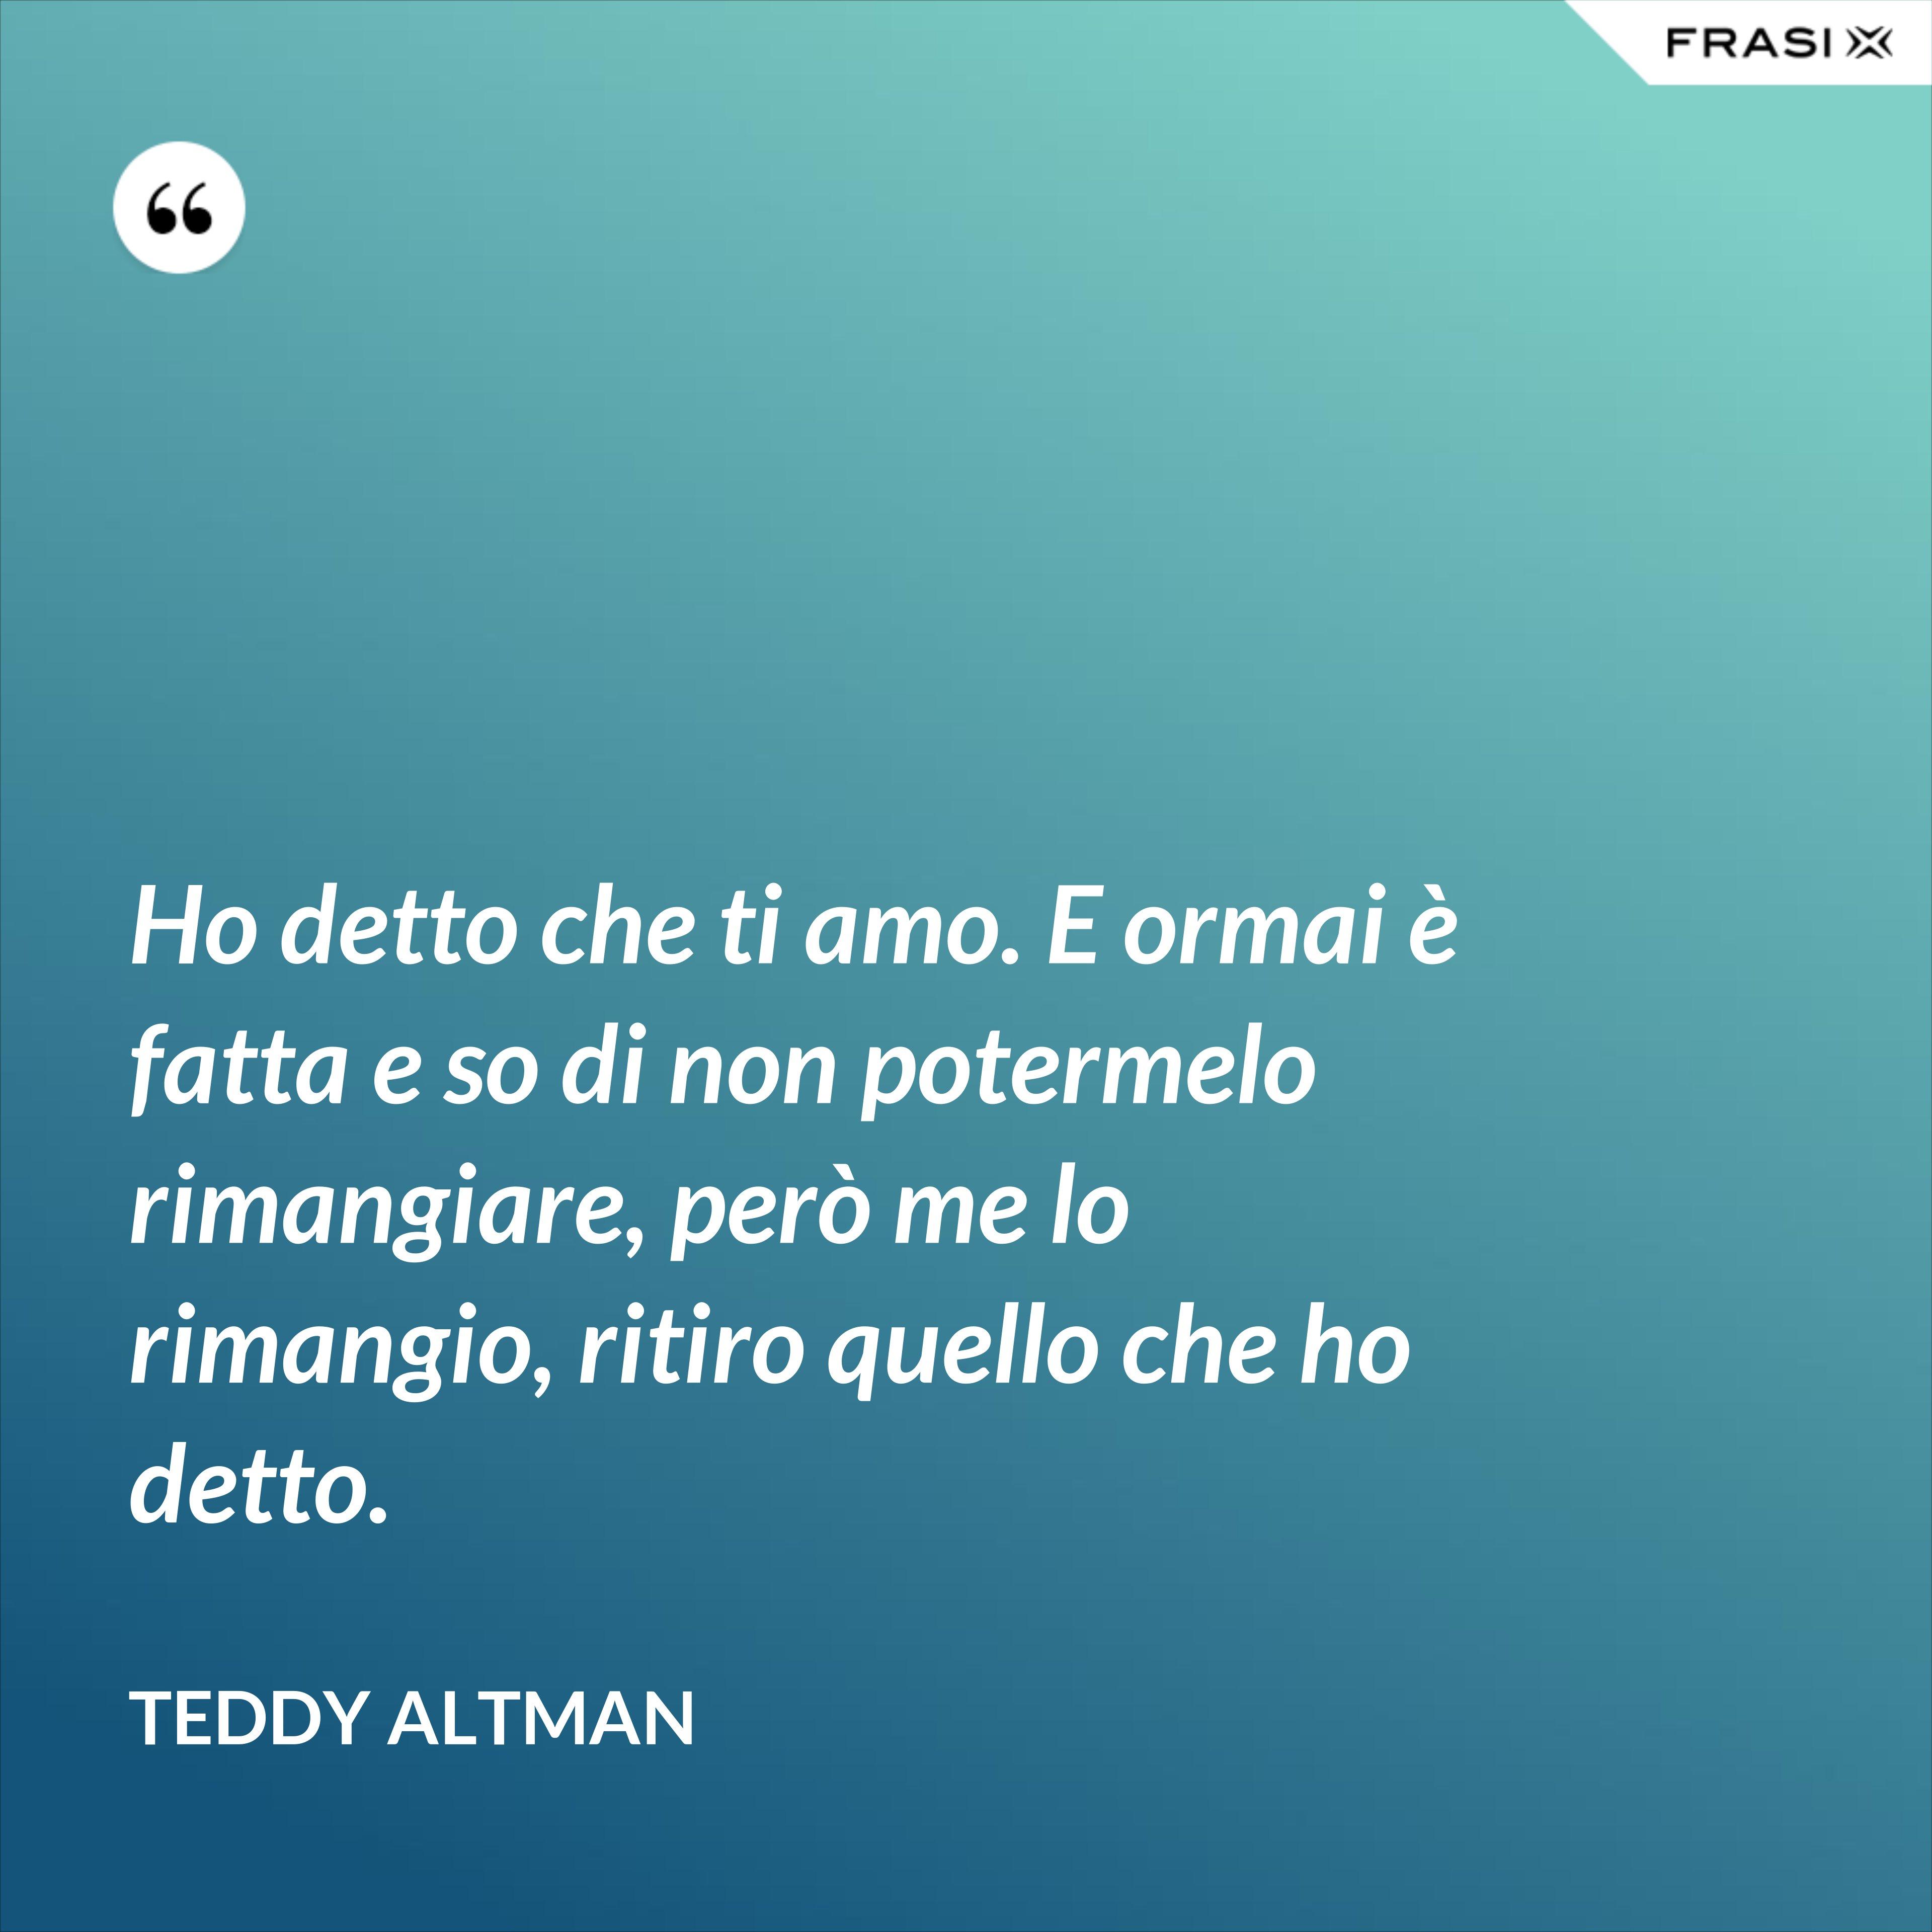 Ho detto che ti amo. E ormai è fatta e so di non potermelo rimangiare, però me lo rimangio, ritiro quello che ho detto. - Teddy Altman